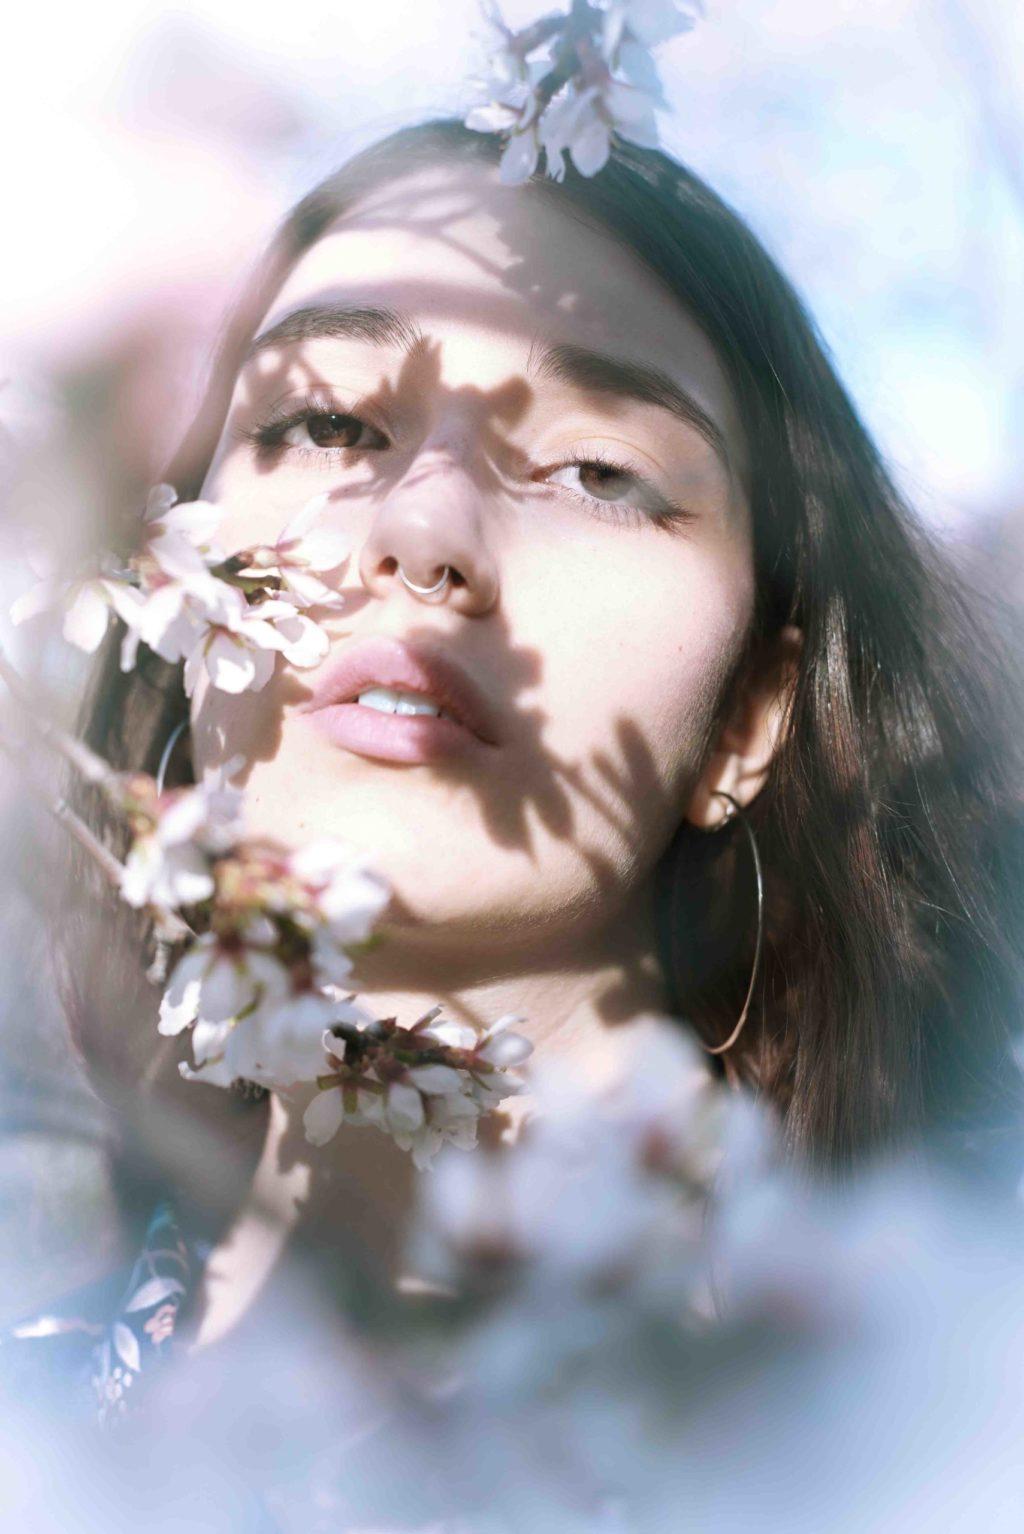 primer plano, face, eyes, flower, lips, beauty